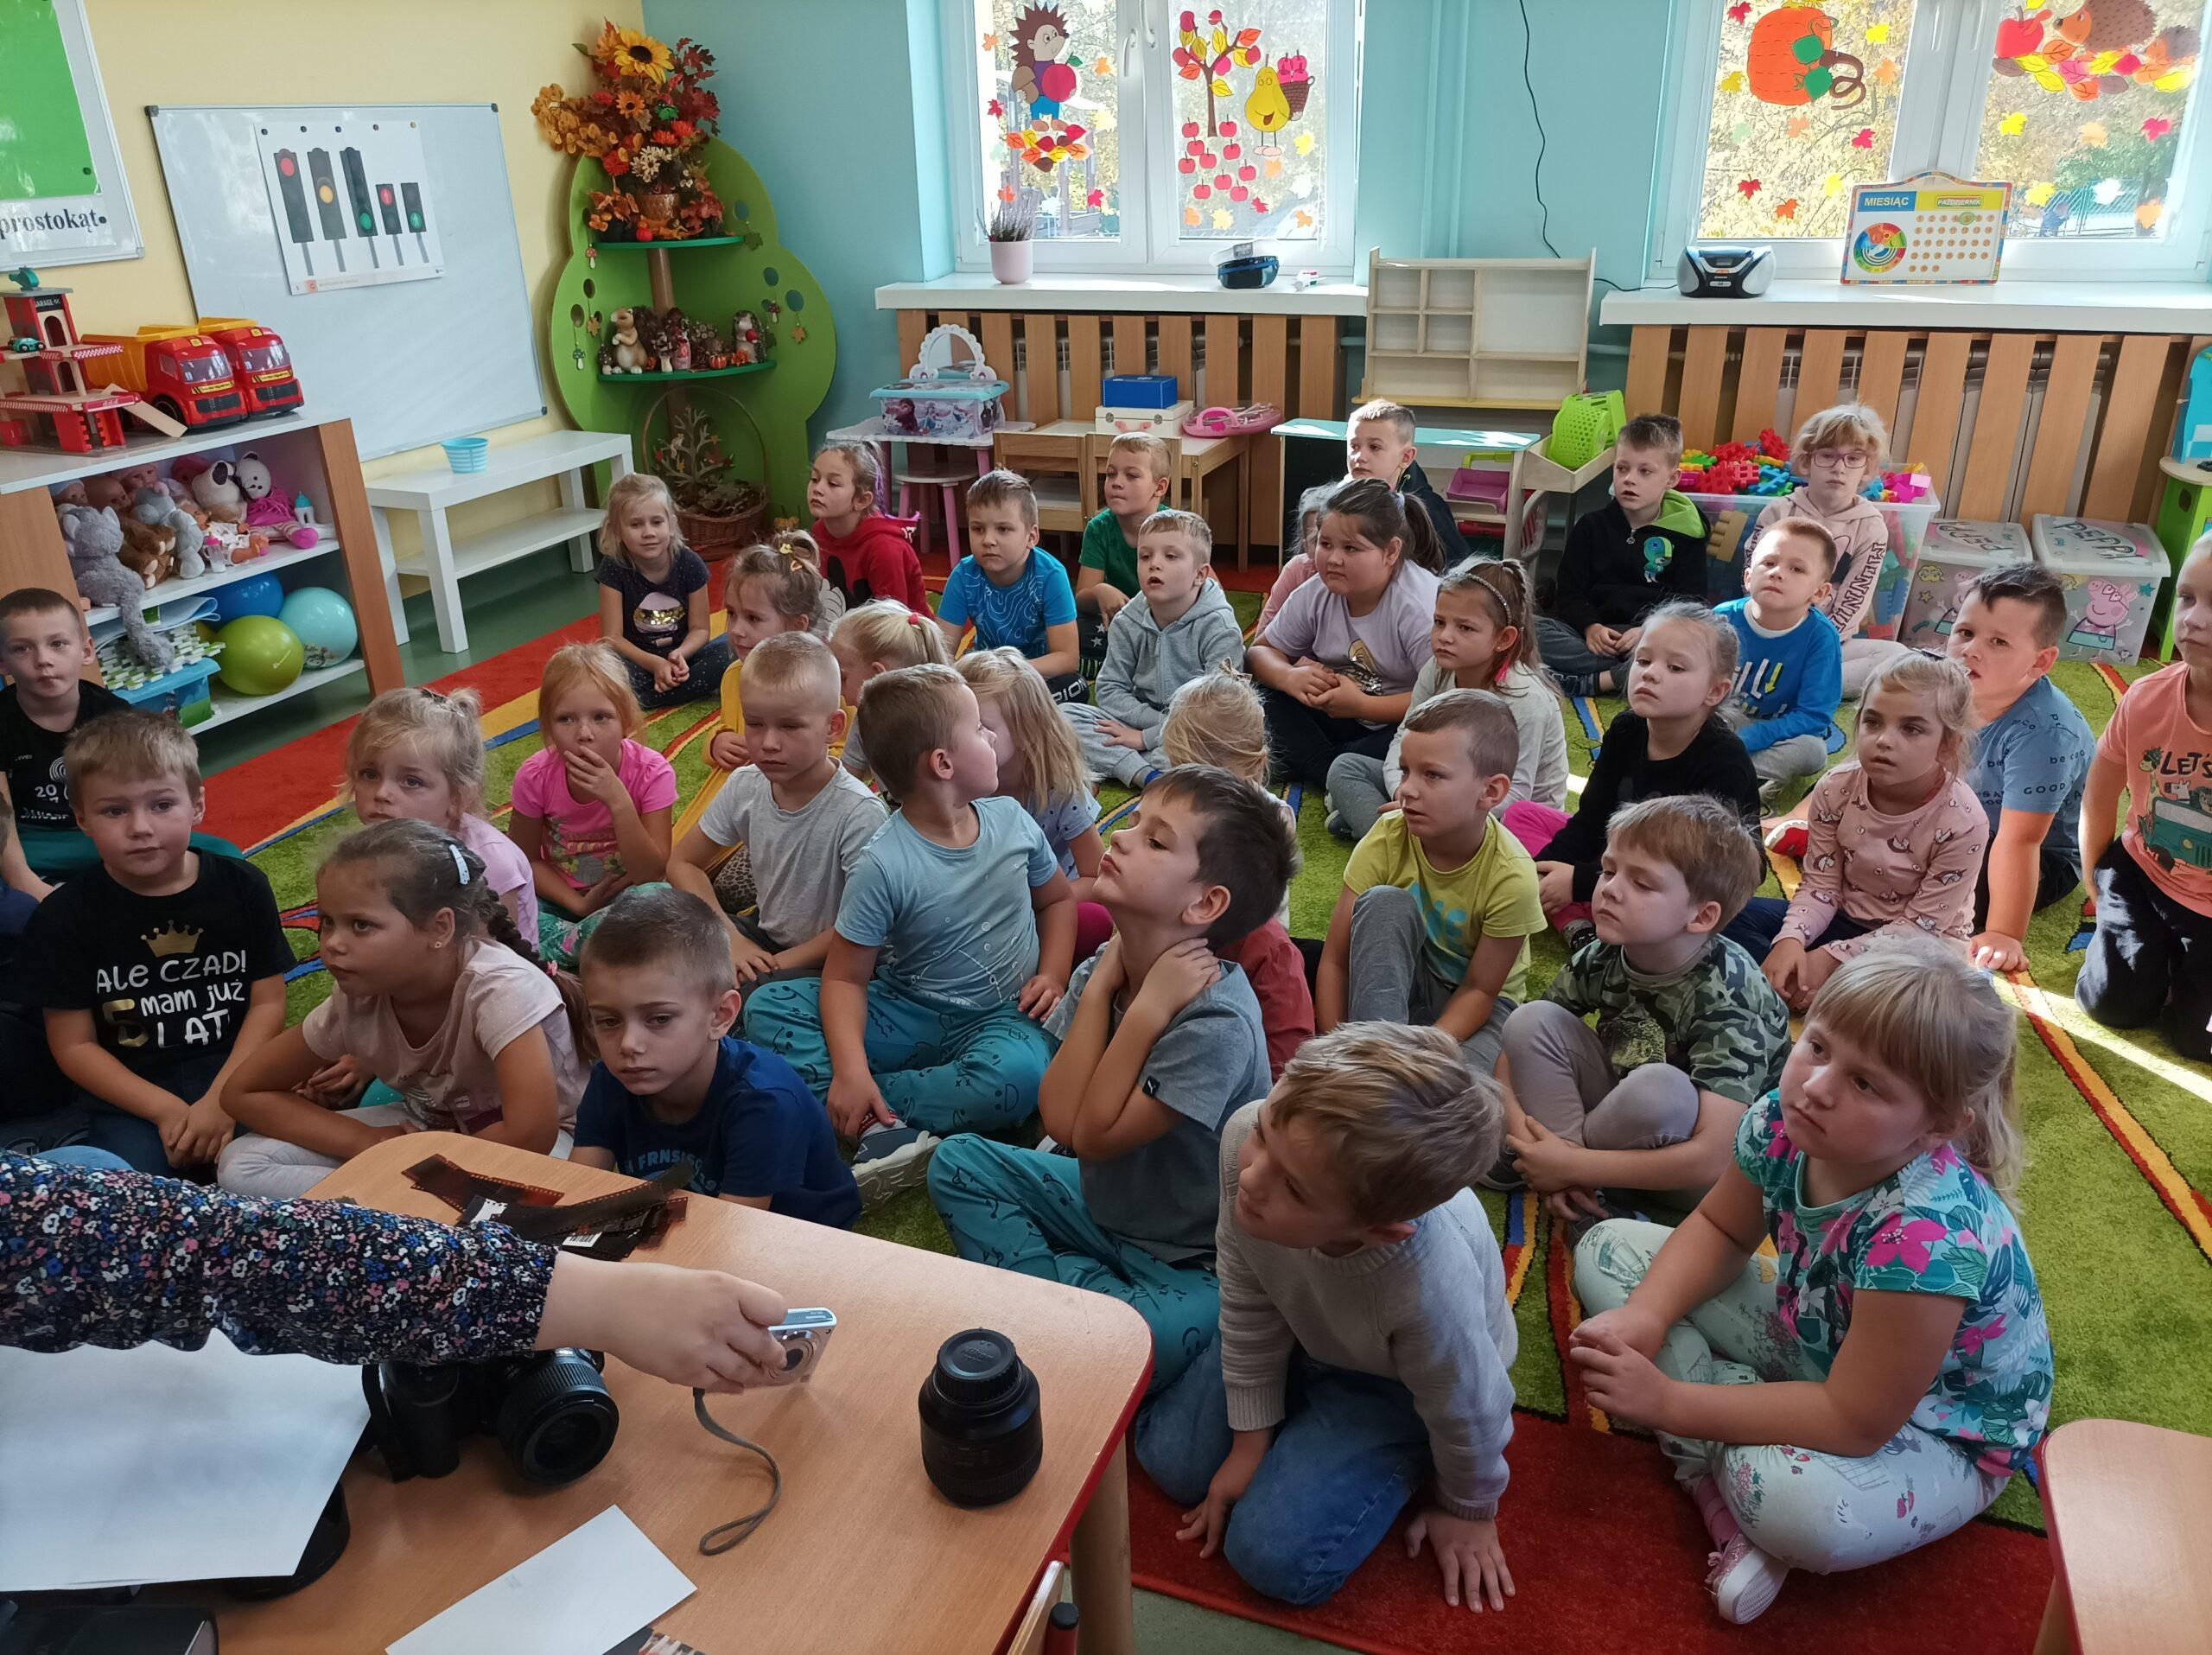 Zdjęcia przedstawiają dzieci w liściach podczas sesji wykonanej przez panią fotograf